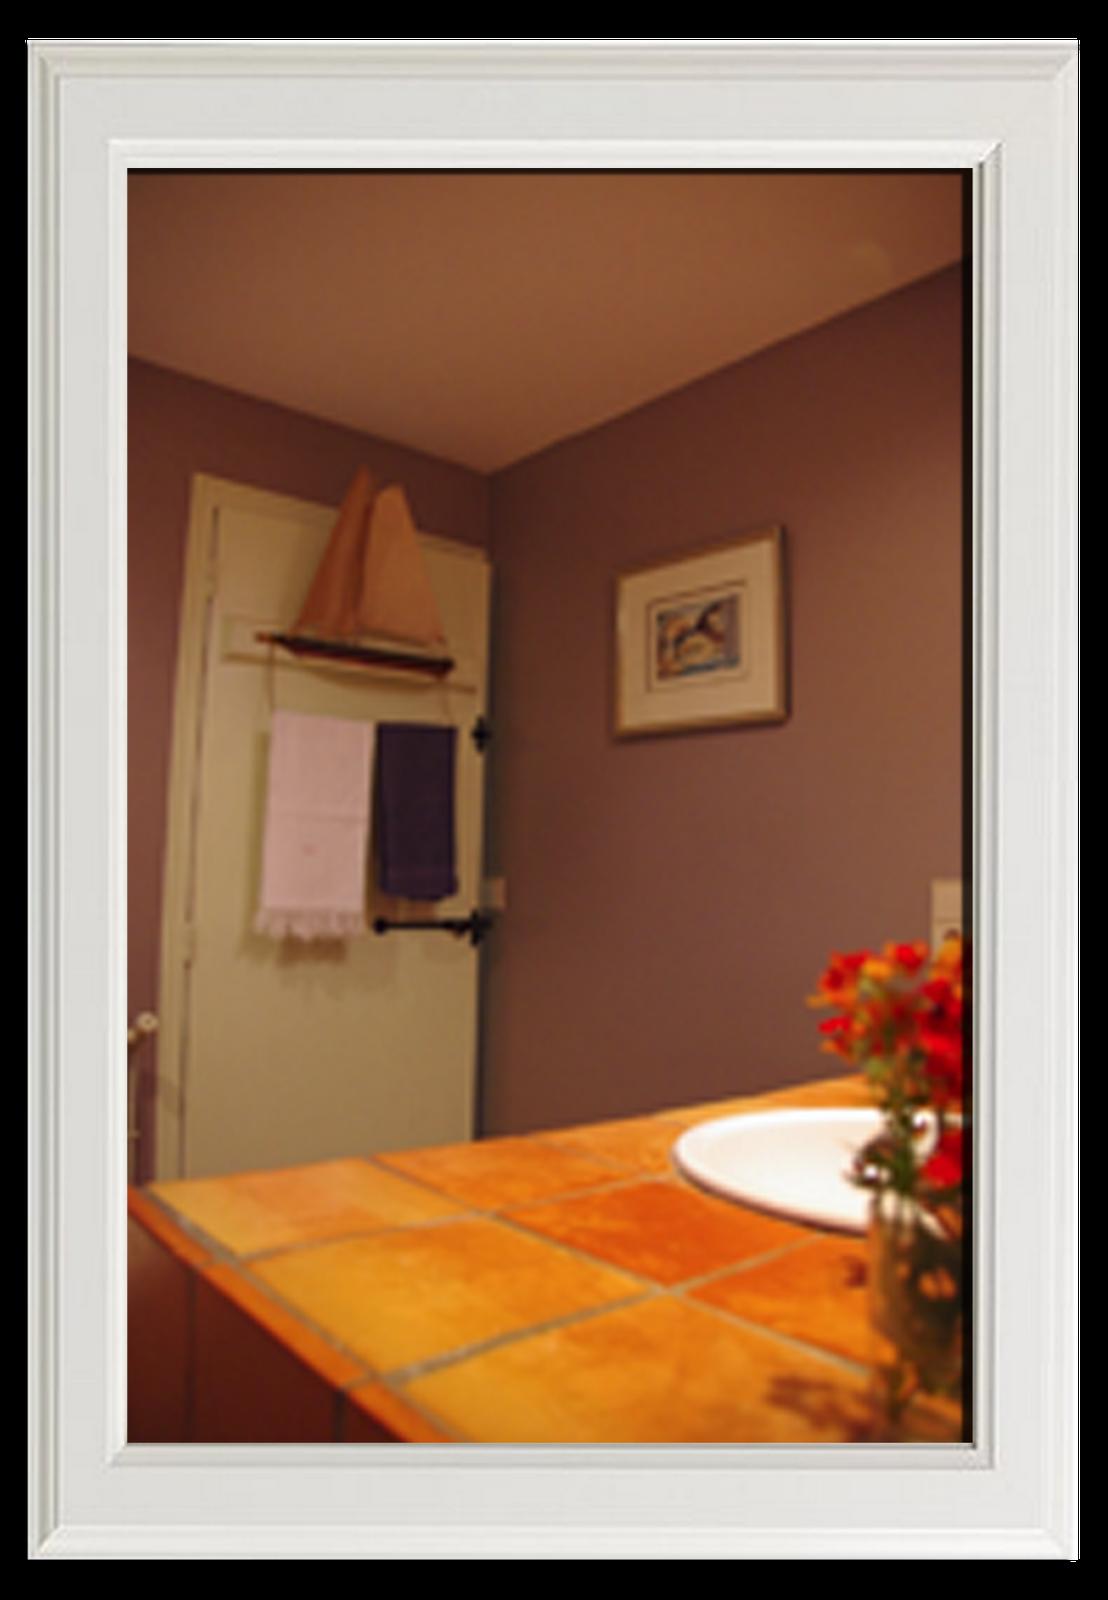 Salle de bain de chambre d'hôte-Après